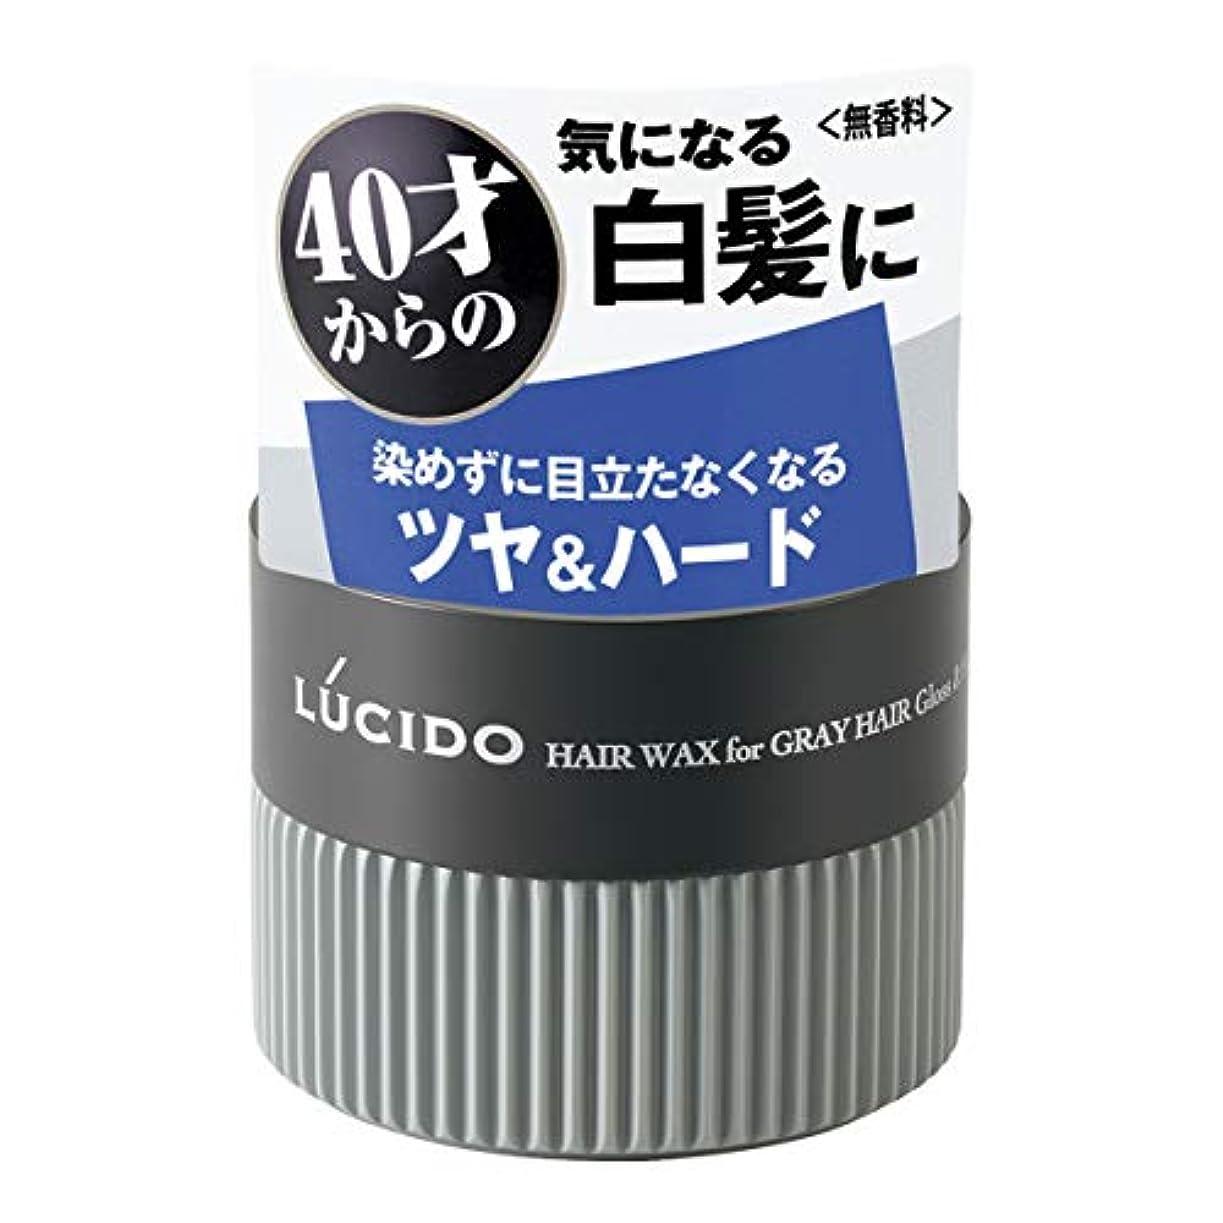 確立はしごフェリーLUCIDO(ルシード) ヘアワックス 白髪用ワックス グロス&ハード 80g